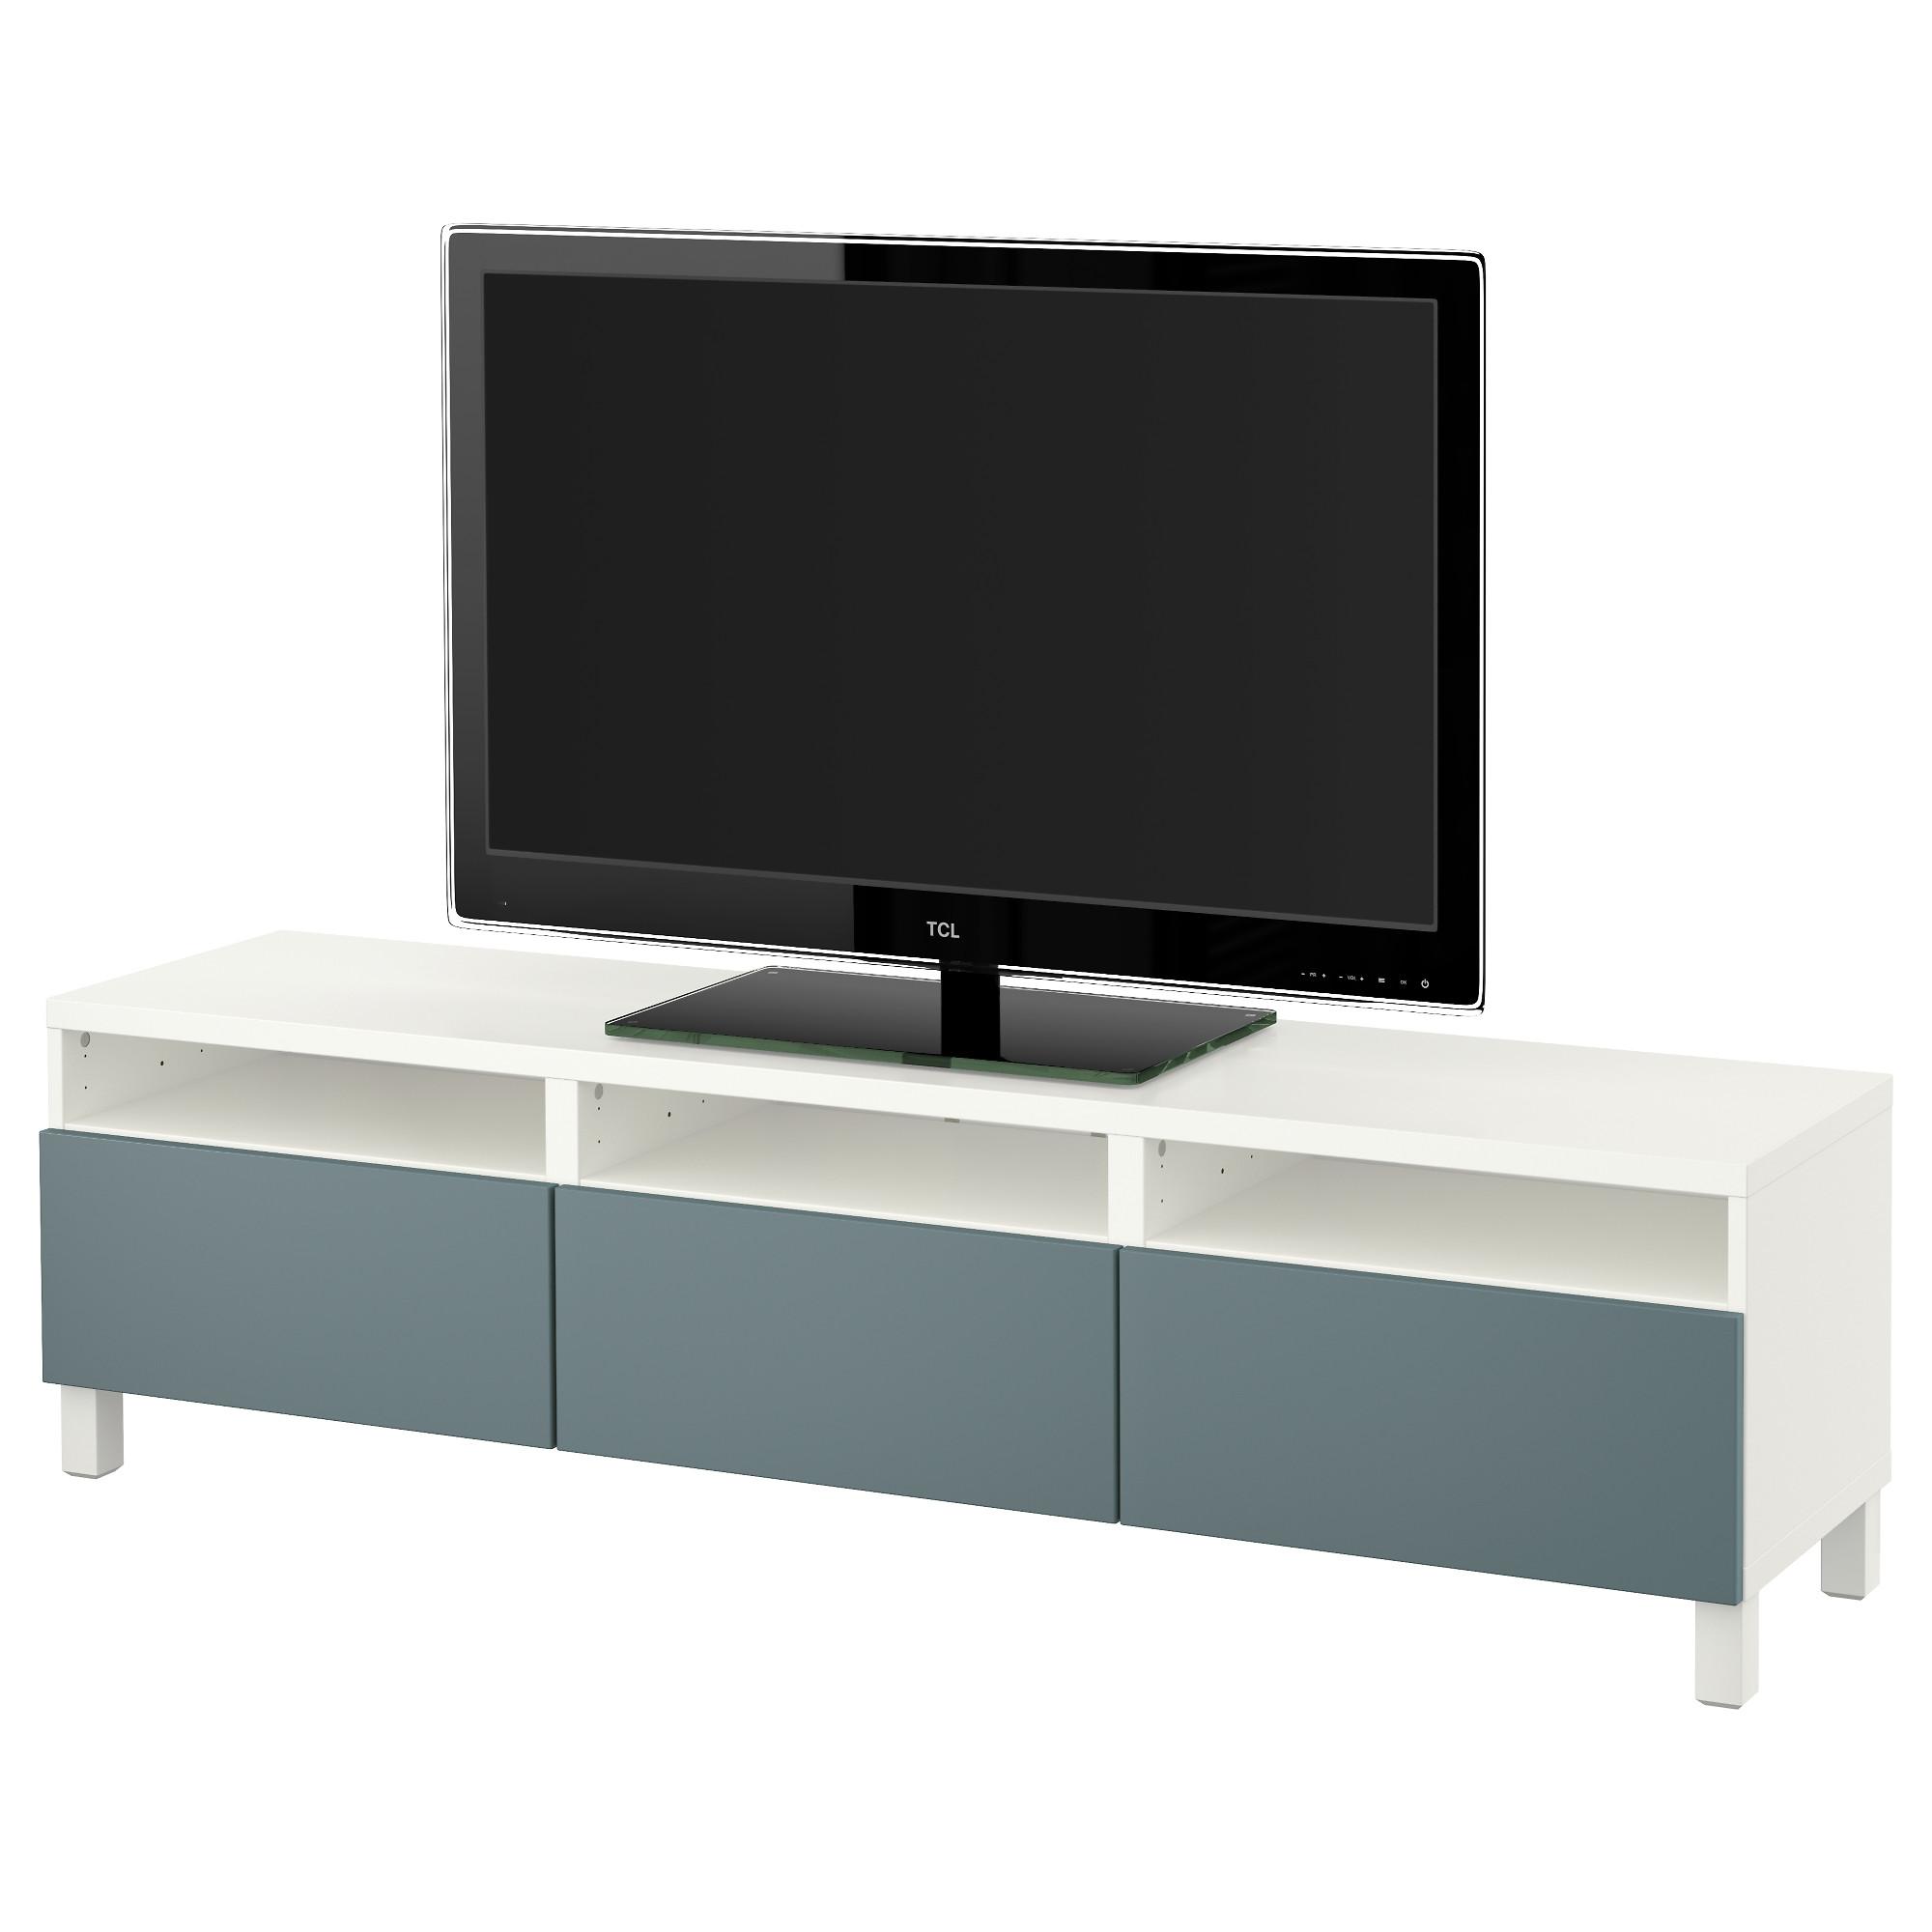 Тумба для ТВ с ящиками БЕСТО белый артикуль № 891.395.84 в наличии. Интернет сайт IKEA РБ. Быстрая доставка и установка.